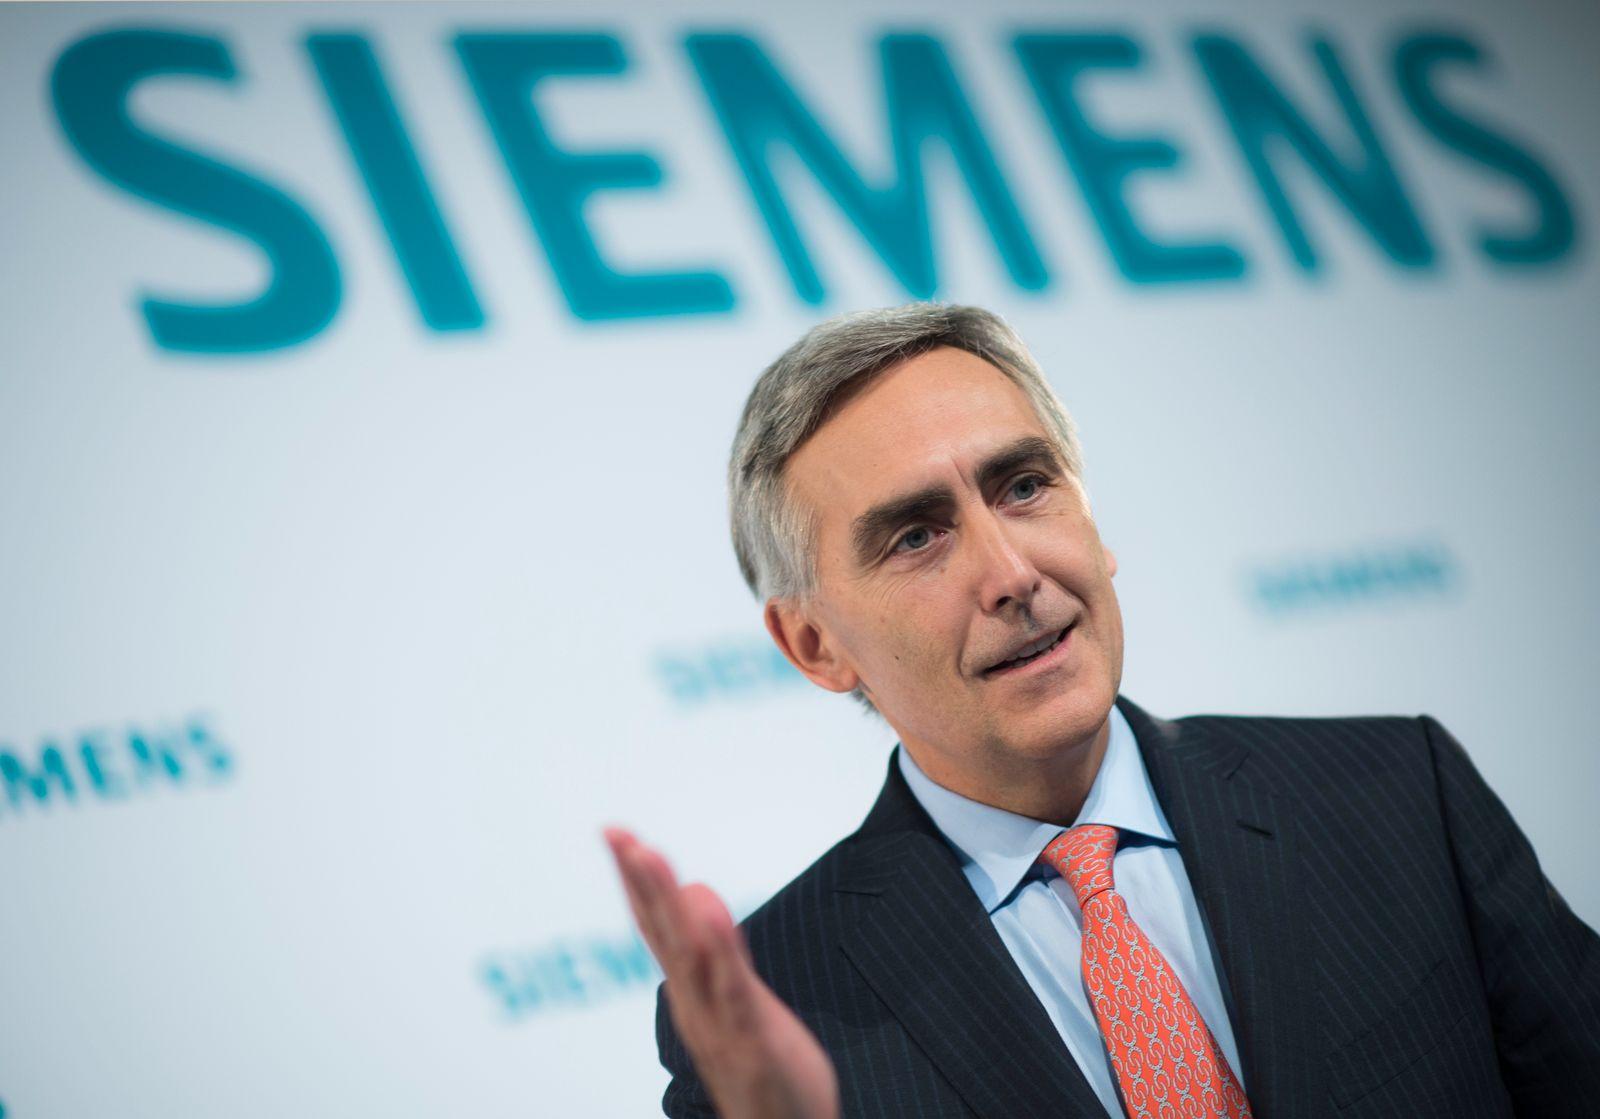 NICHT VERWENDEN Loescher / Siemens